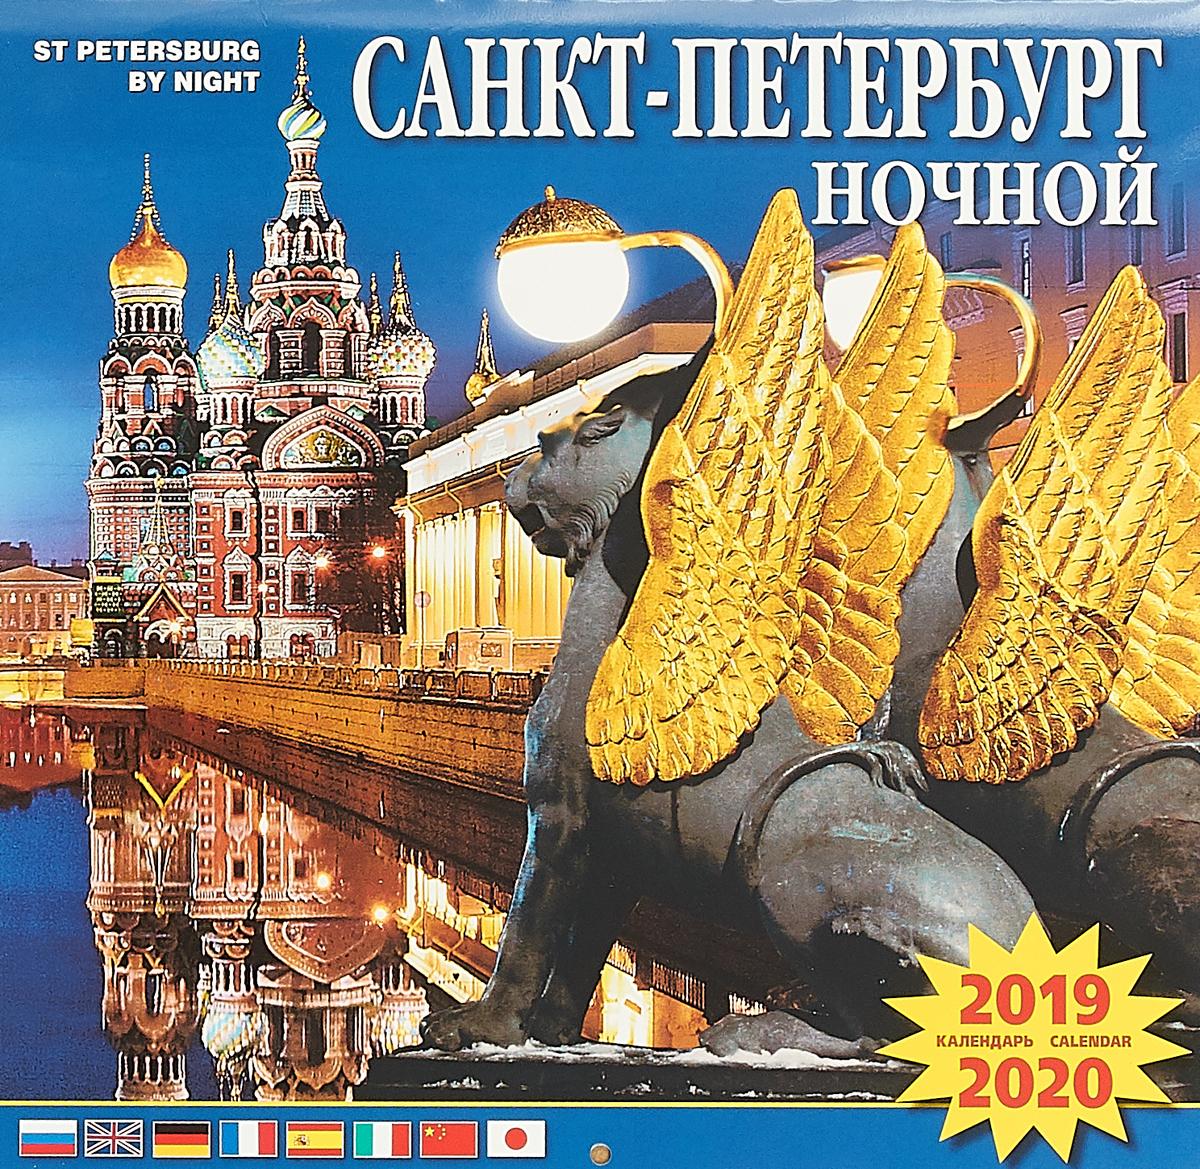 Календарь на скрепке на 2019-2020 год. Ночной Санкт-Петербург